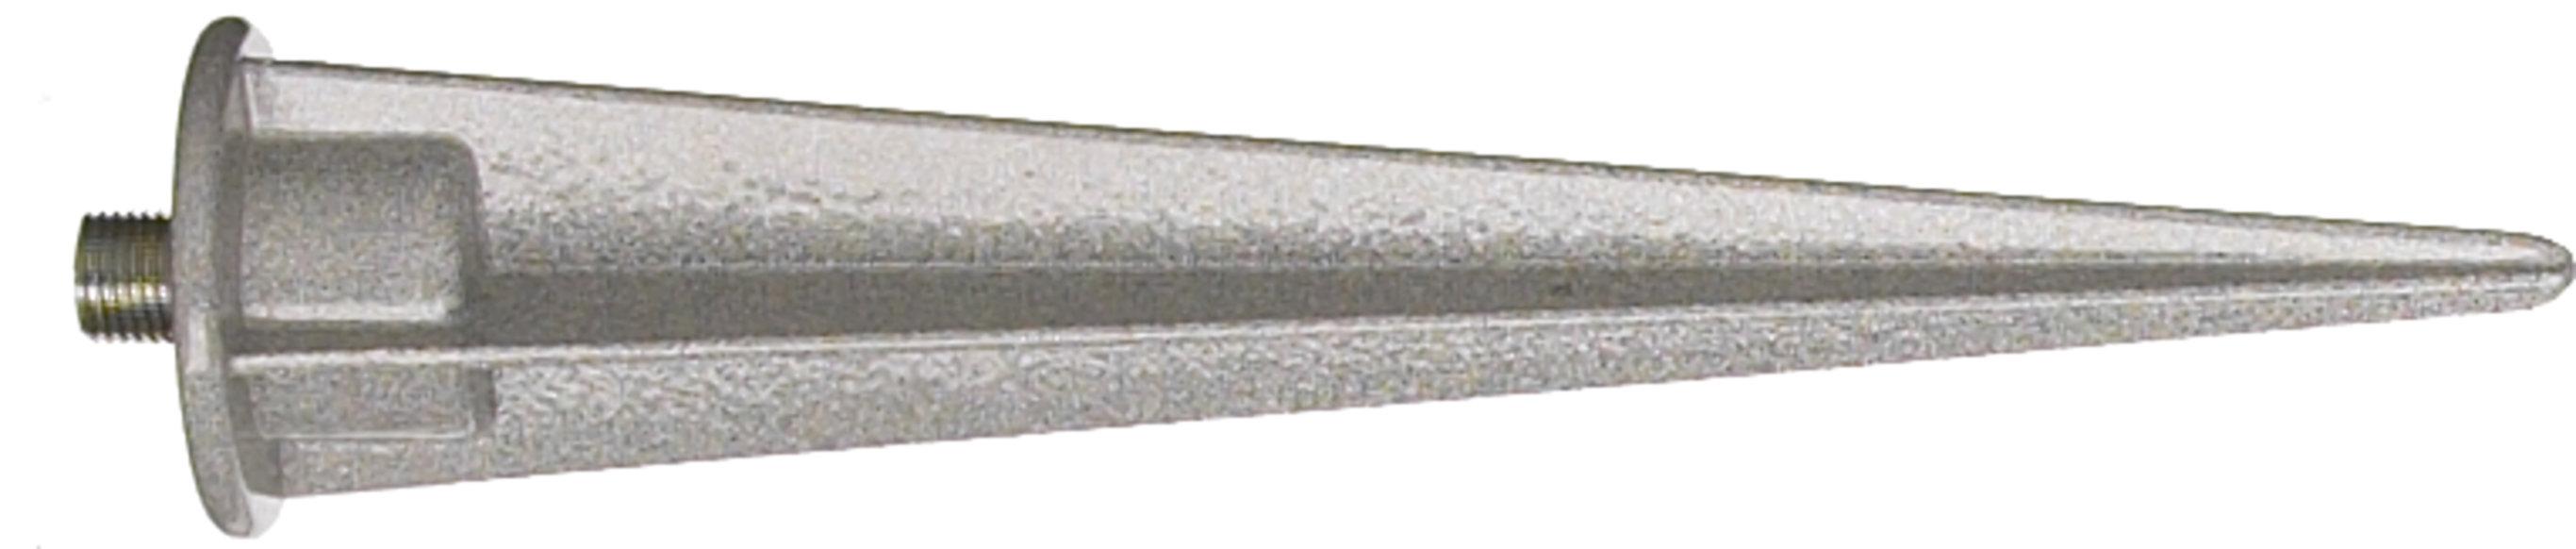 Lyk9 650mp 1888 2